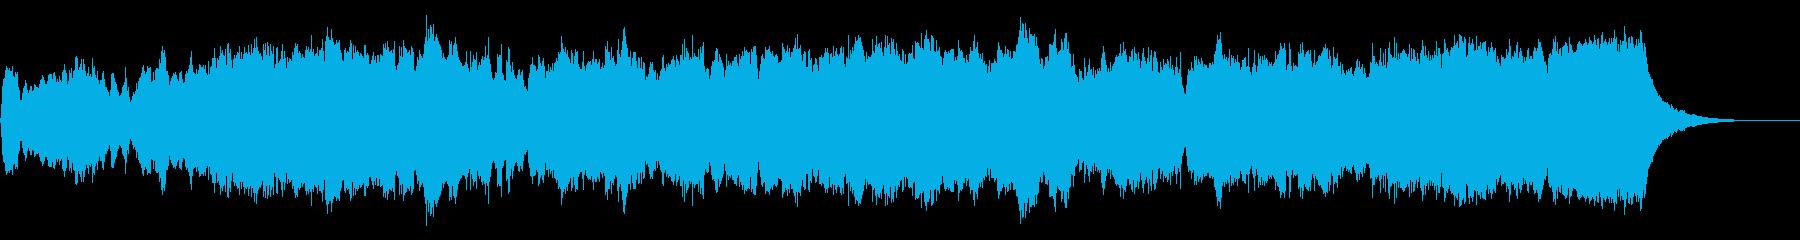 パイプオルガンのフーガ No.25の再生済みの波形